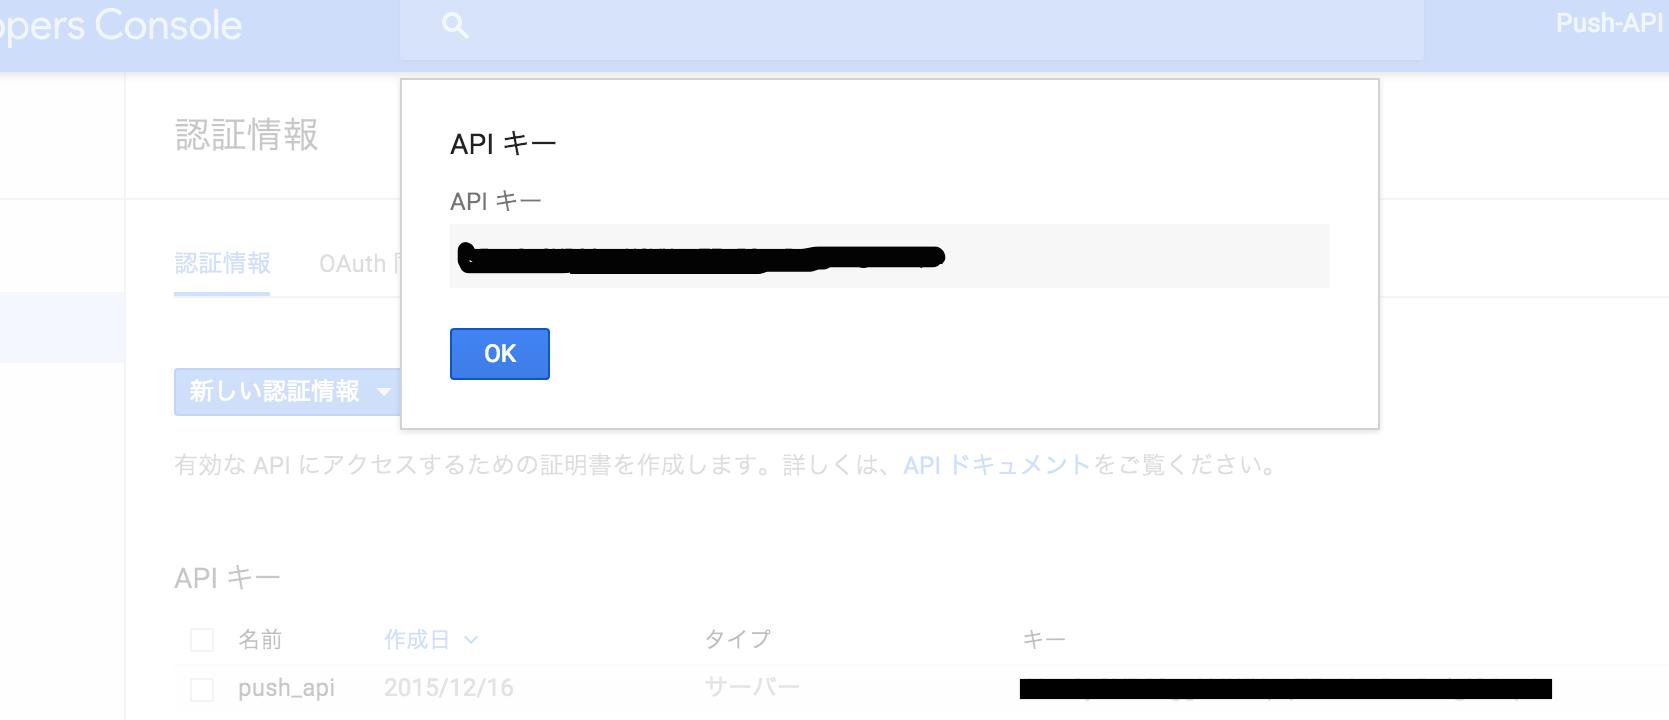 スクリーンショット 2015-12-16 22.50.31.png